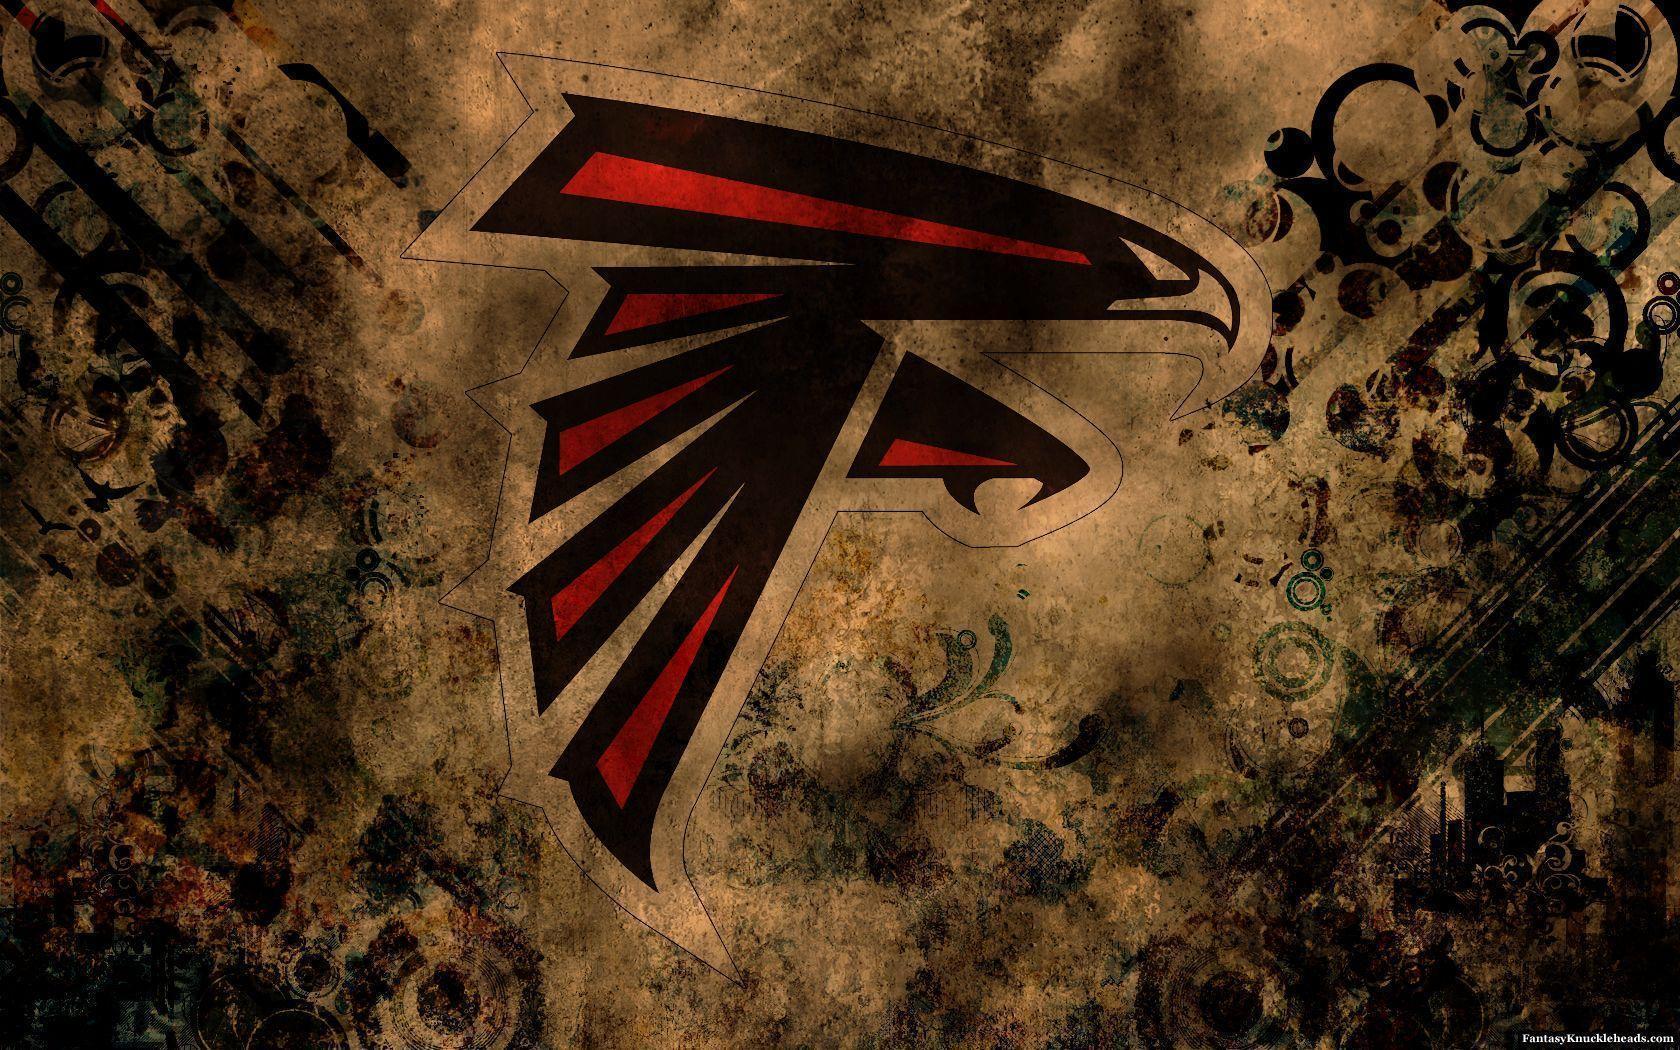 Atlanta Falcons Desktop Wallpaper: NFL Teams Wallpapers 2016